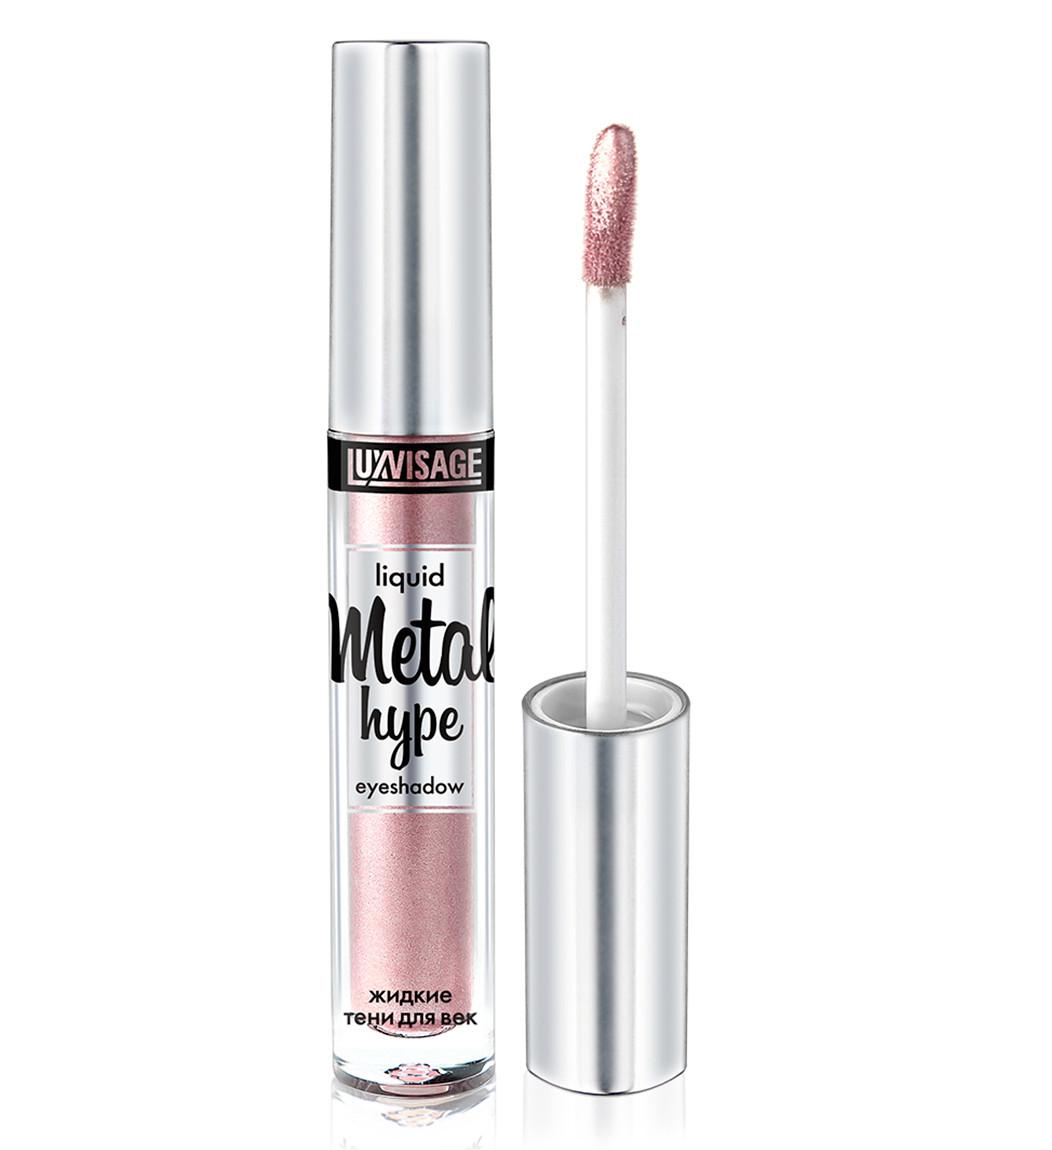 Жидкие тени для век Luxvisage Metal hype №09 Розовый иней